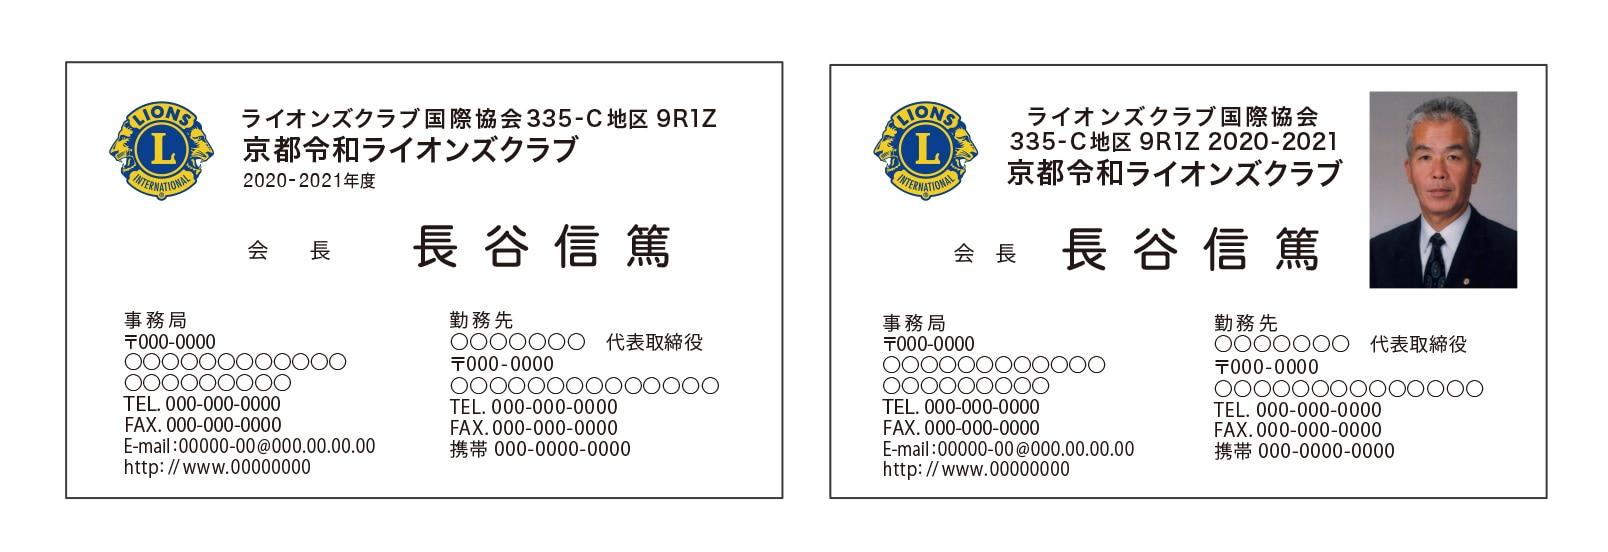 名刺_ライオンズマーク/フルカラー印刷表面